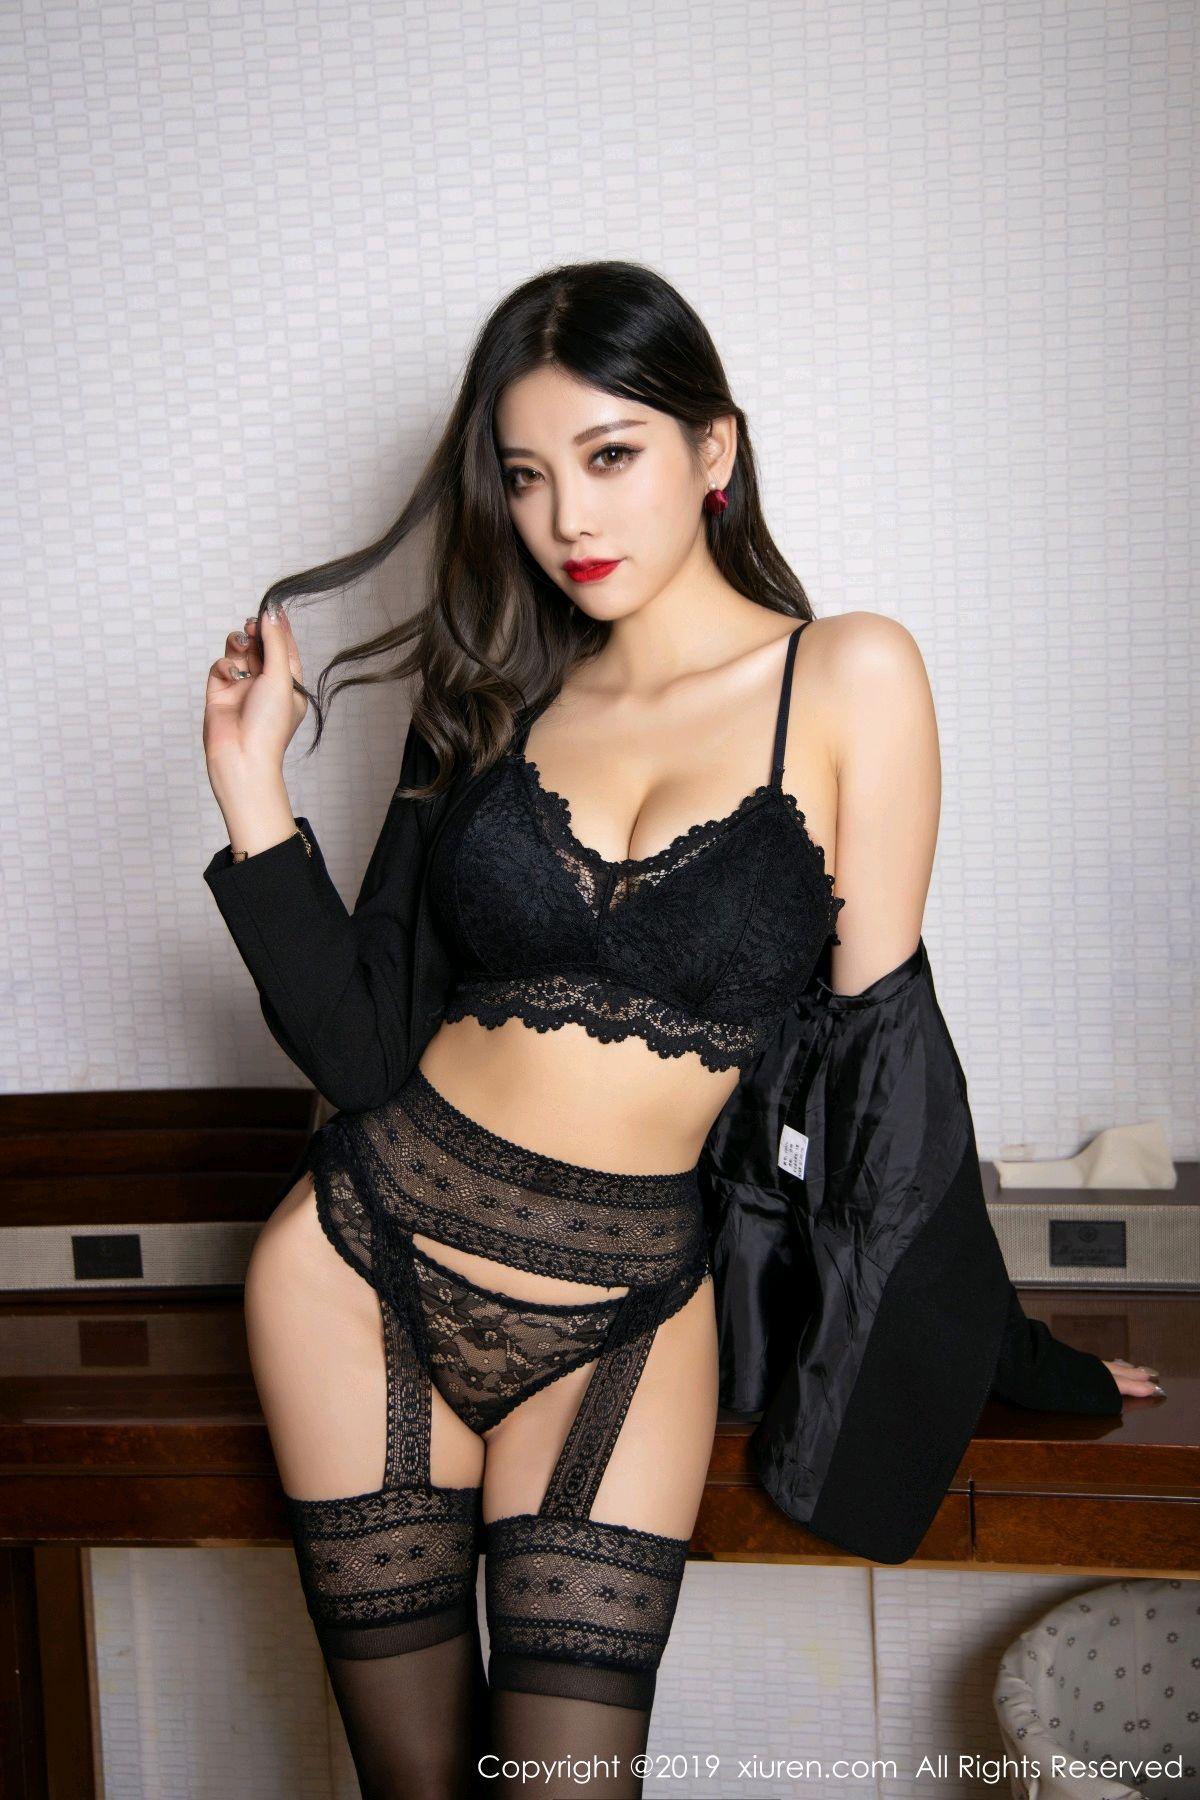 [XiaoYu] Vol.1633 Yang Chen Chen 48P, Black Silk, Tall, Uniform, XiaoYu, Yang Chen Chen